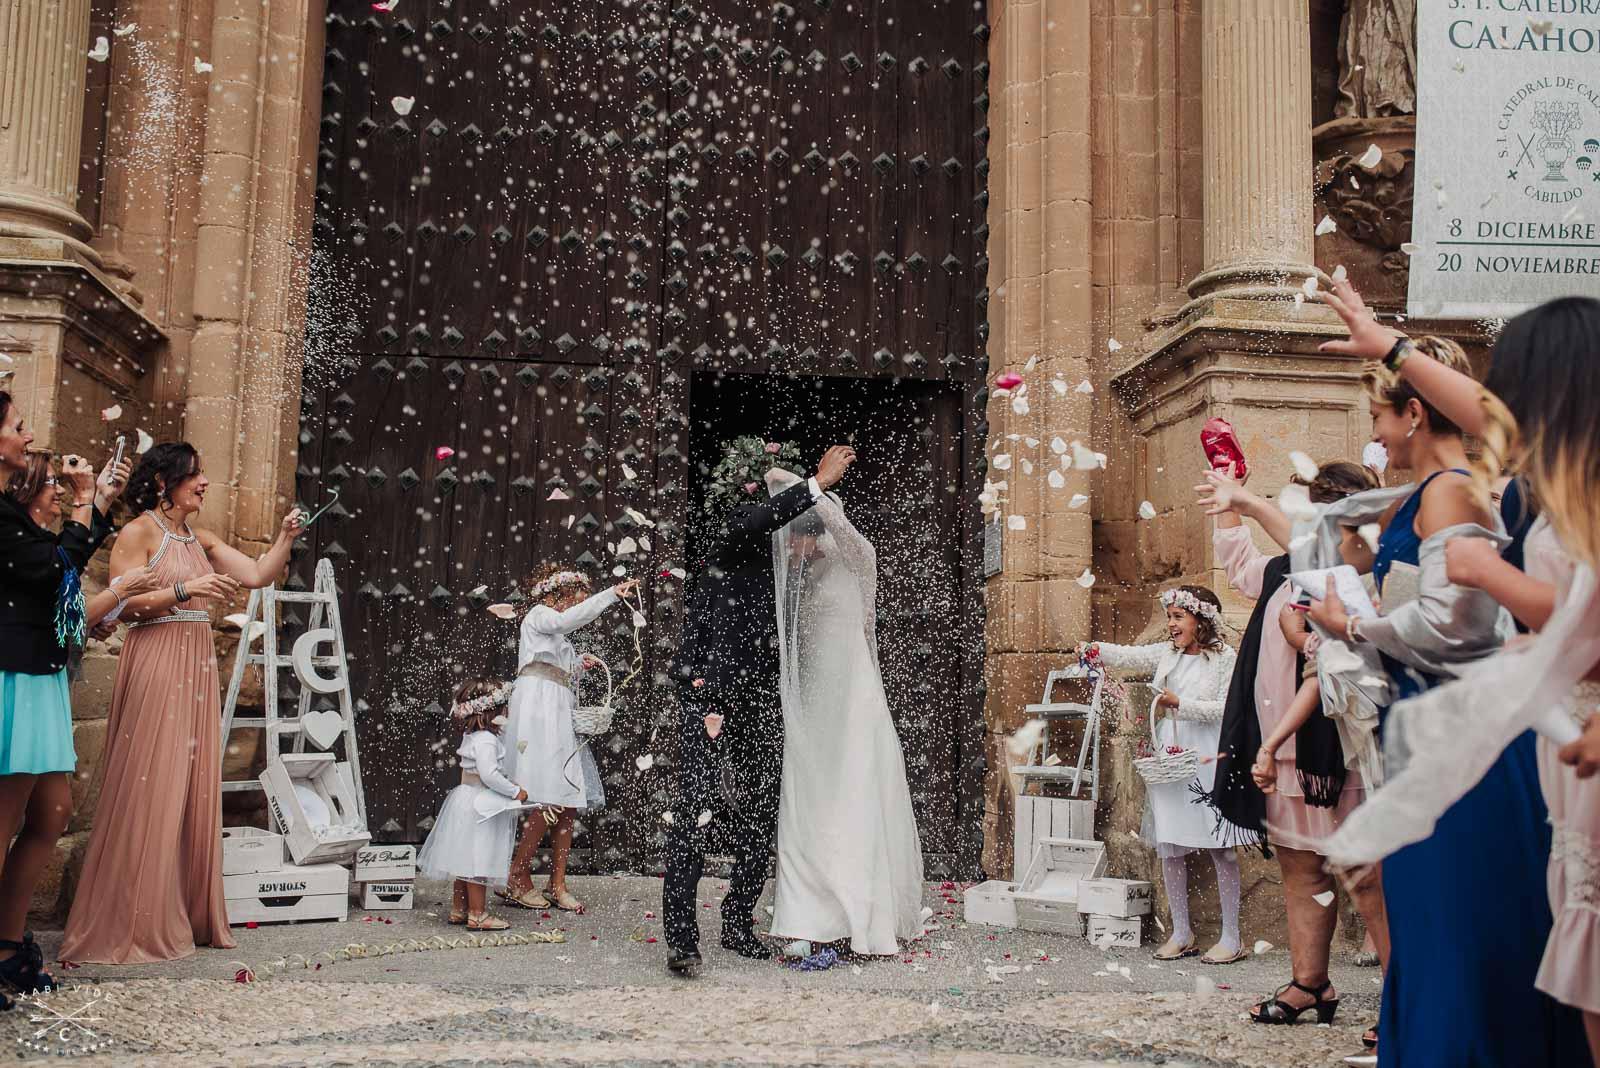 fotógrafo de bodas en calahorra-76